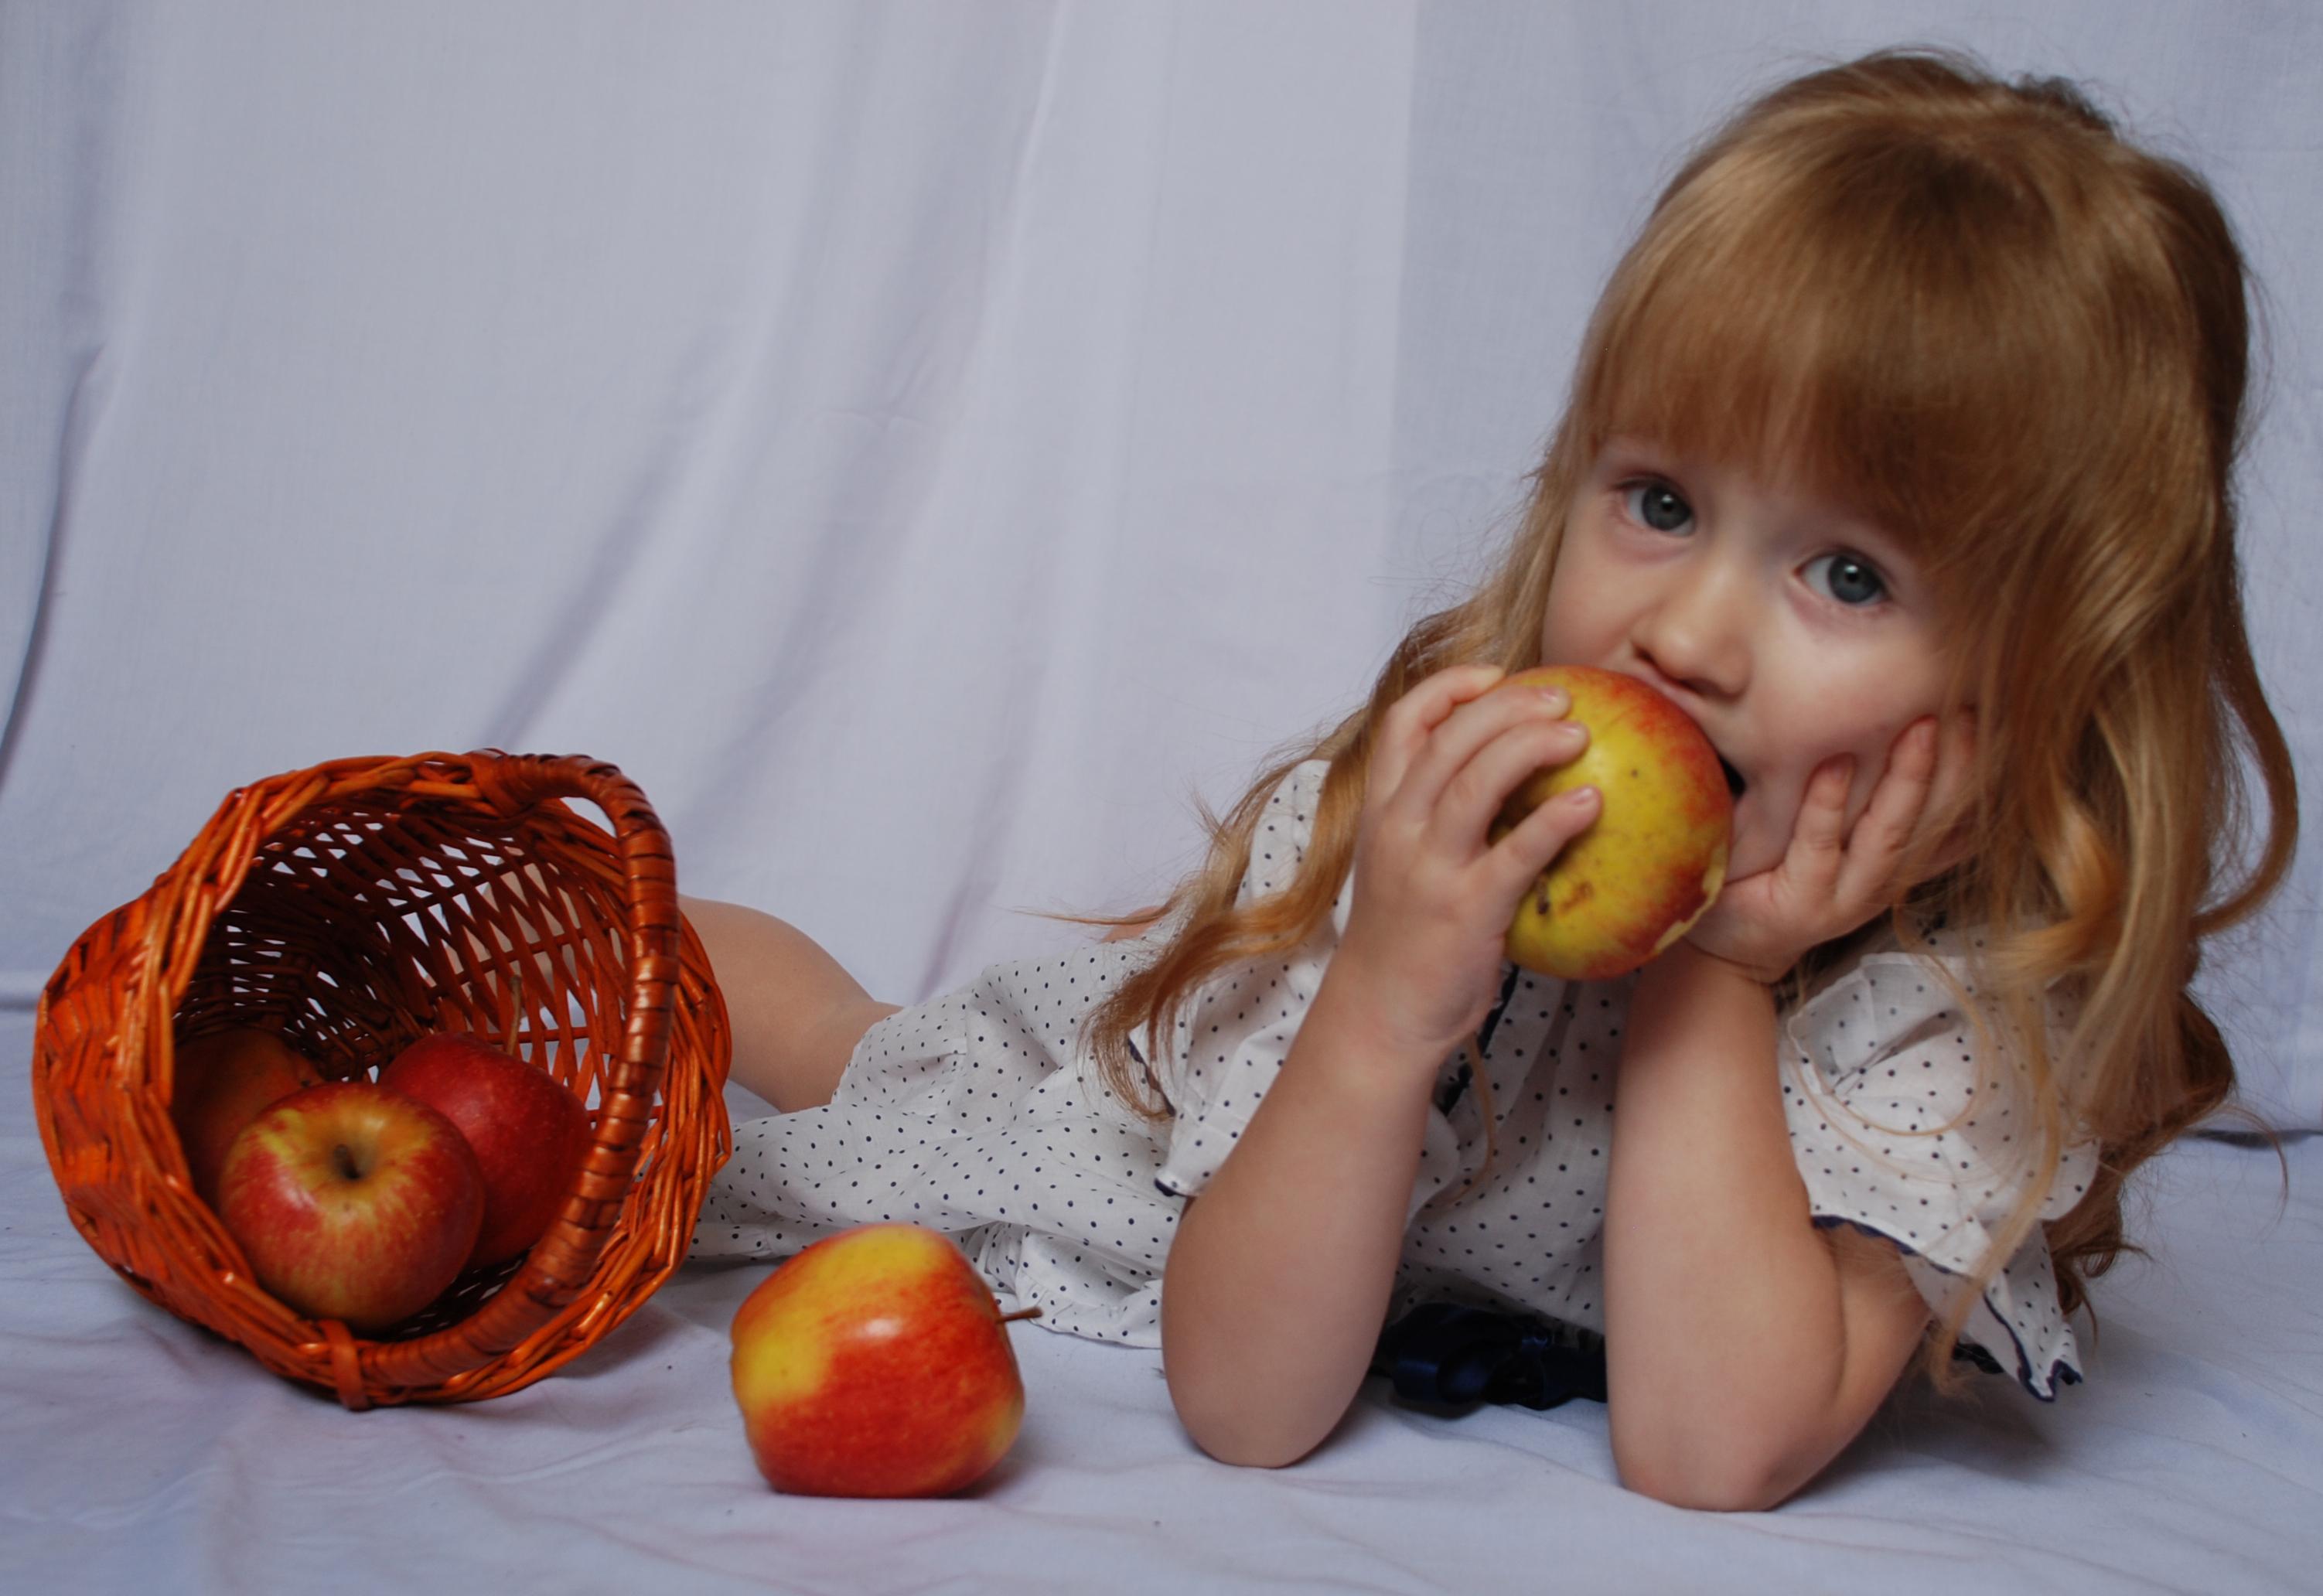 The apples_20 by anastasiya-landa